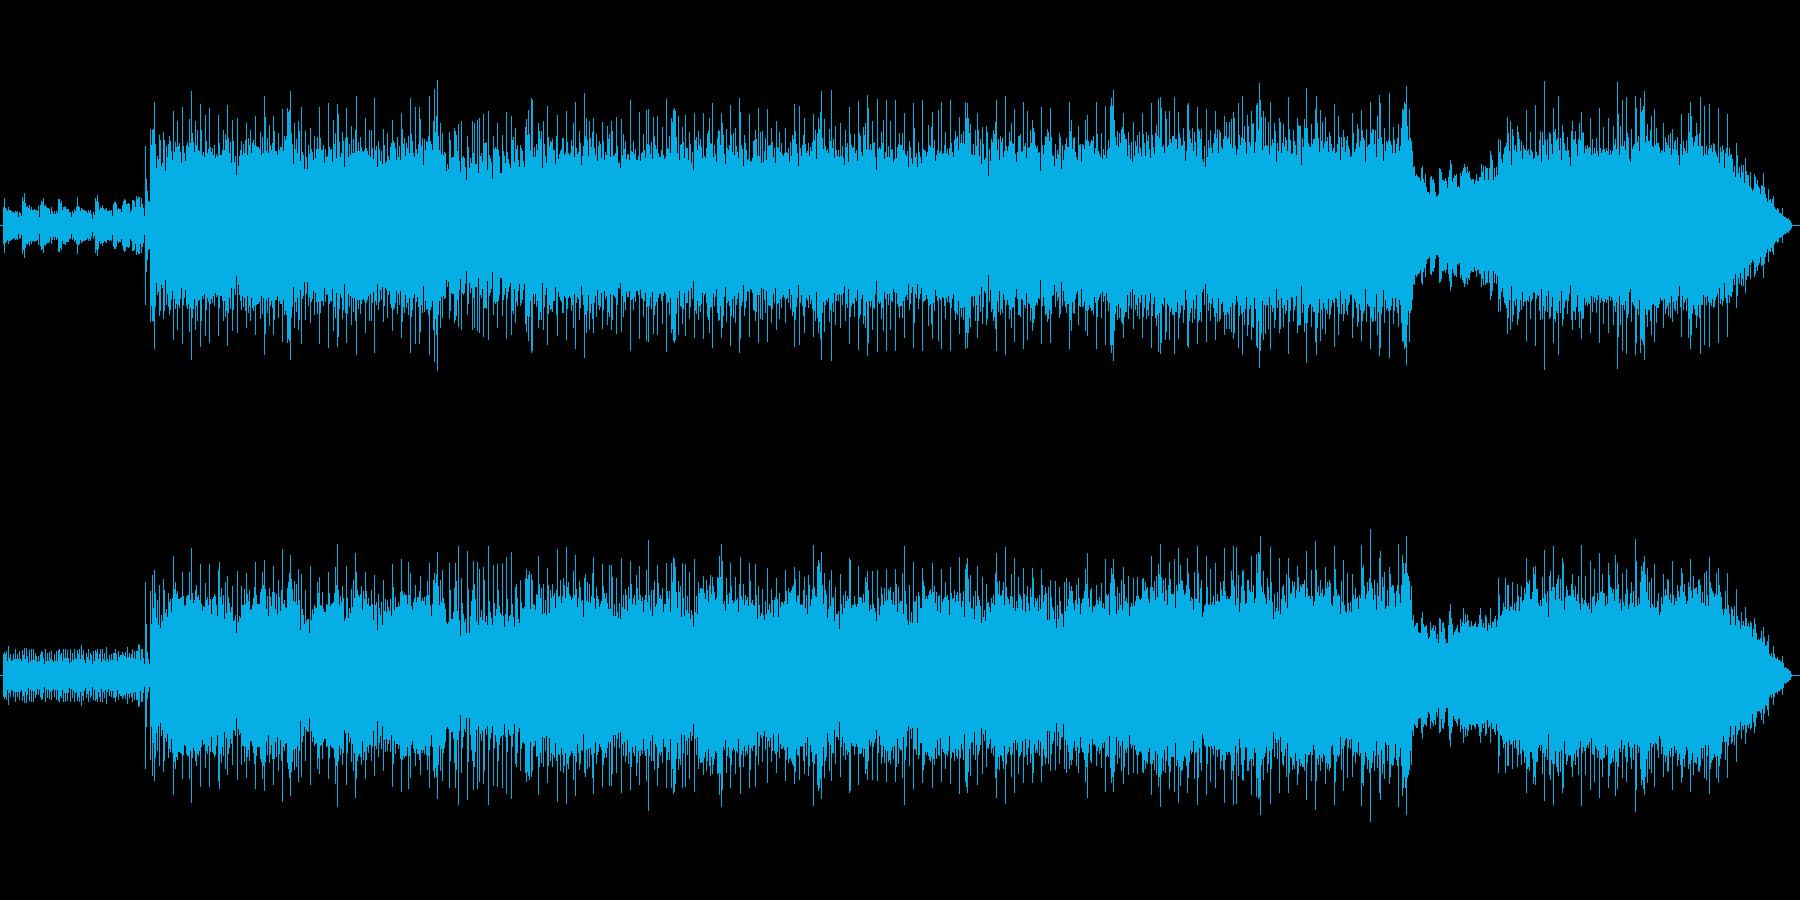 お城の中ボス風の戦闘曲の再生済みの波形